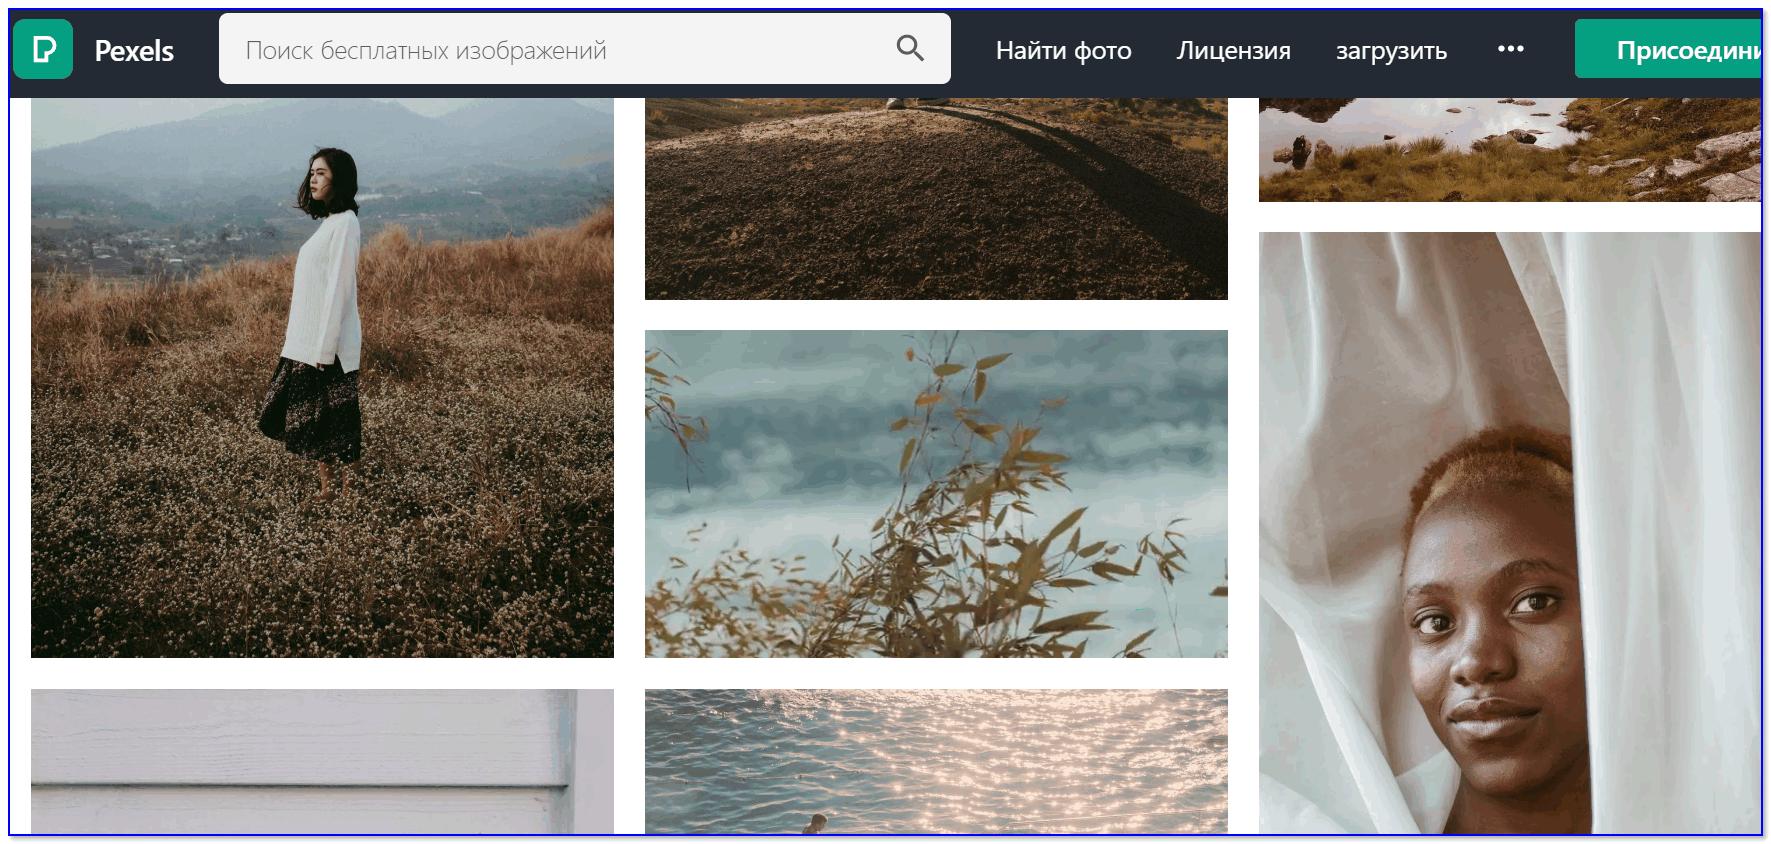 Скрин с сайта Pexels